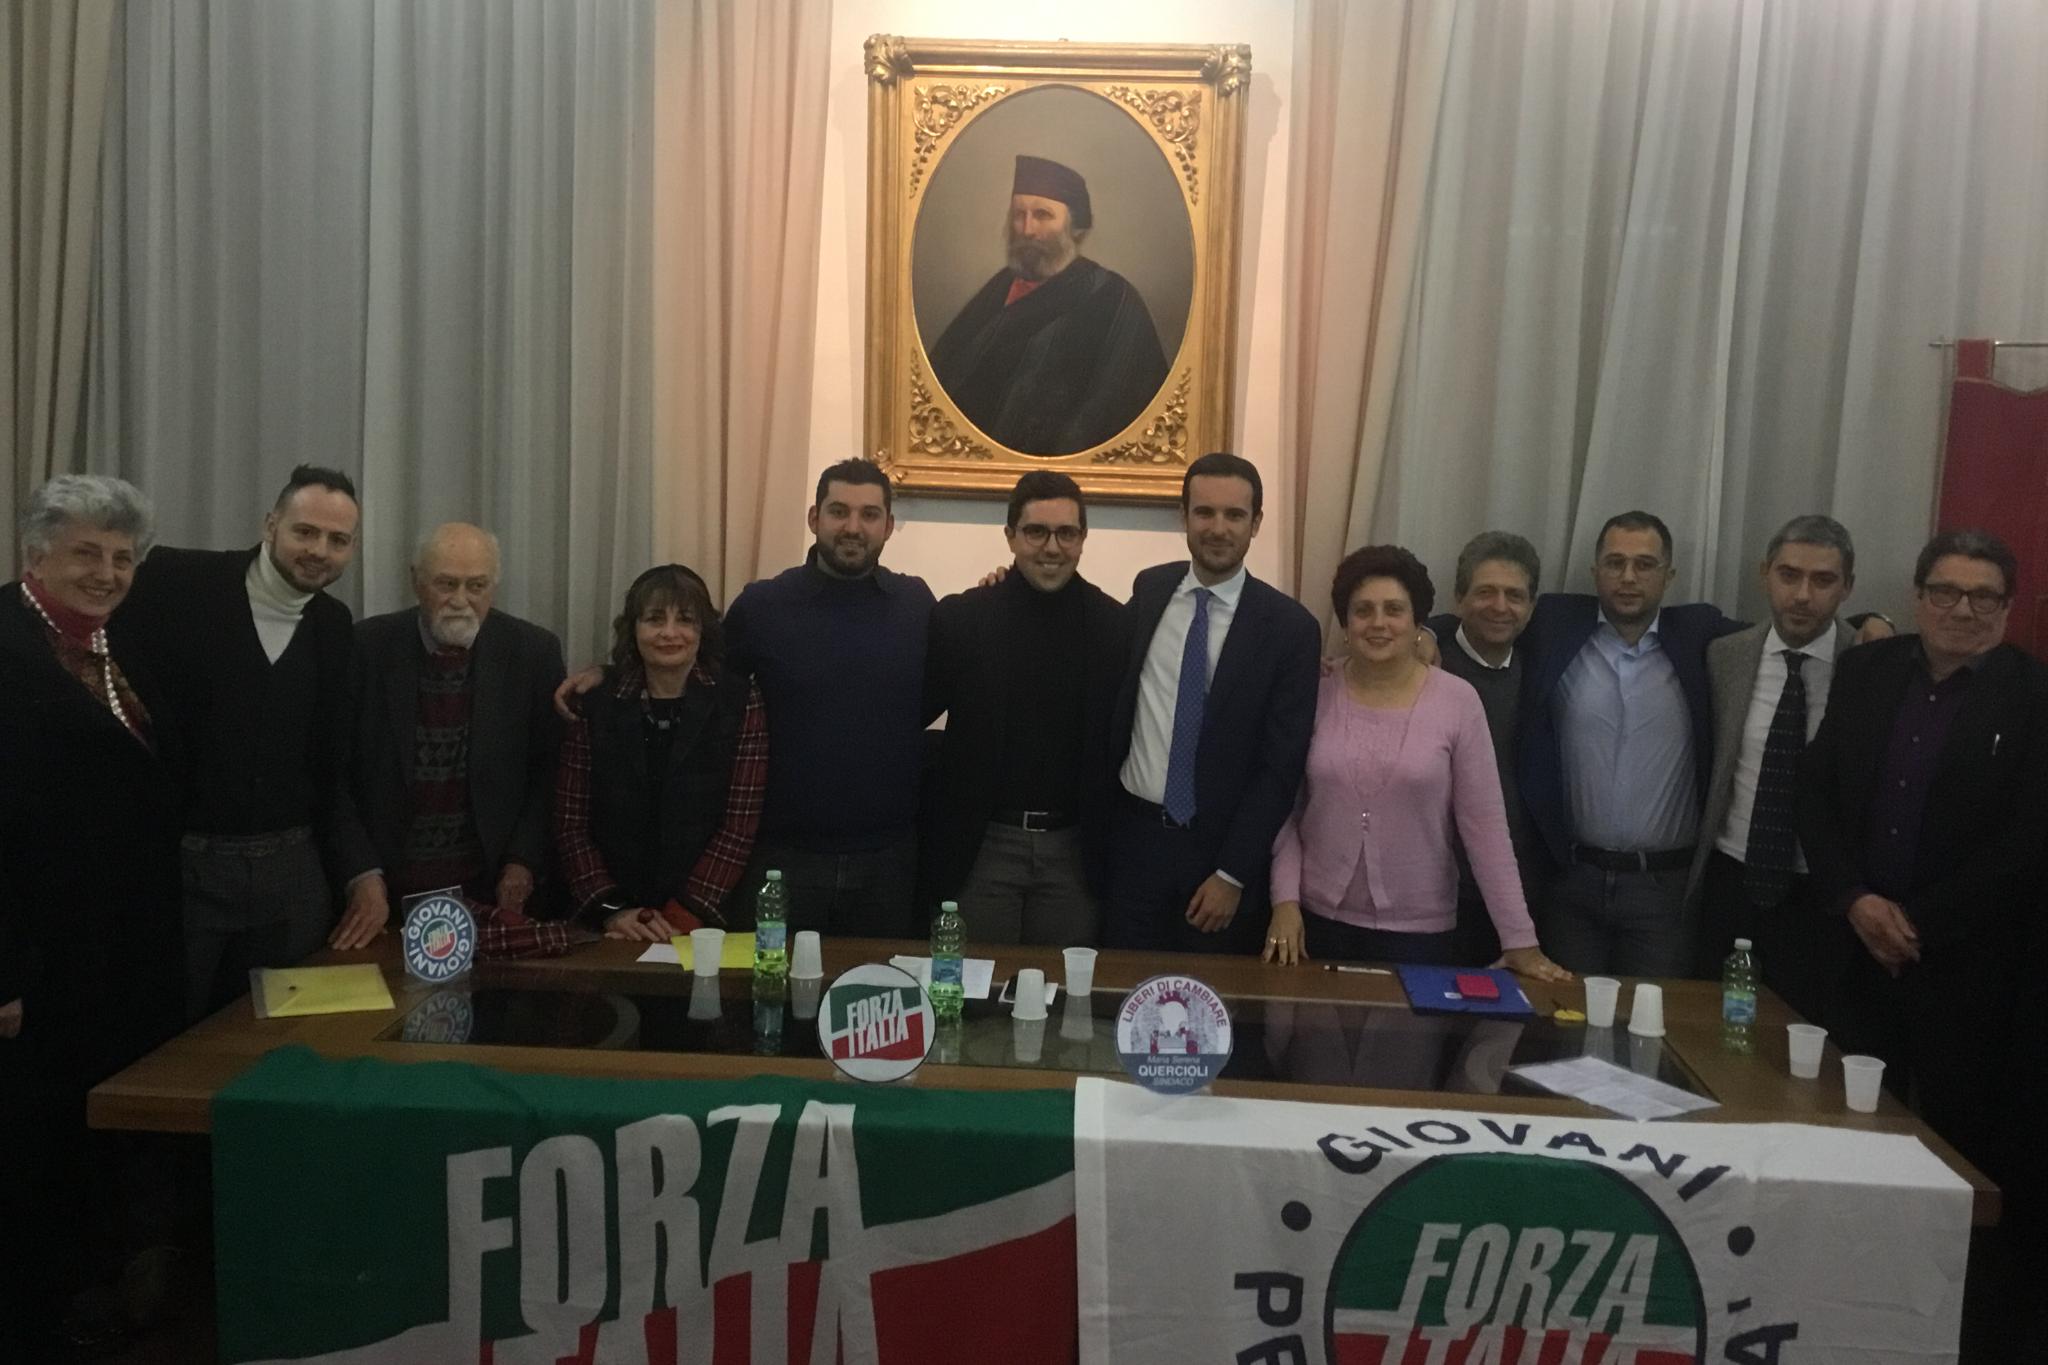 Gandola: Un successo l'iniziativa di Forza Italia a Campi